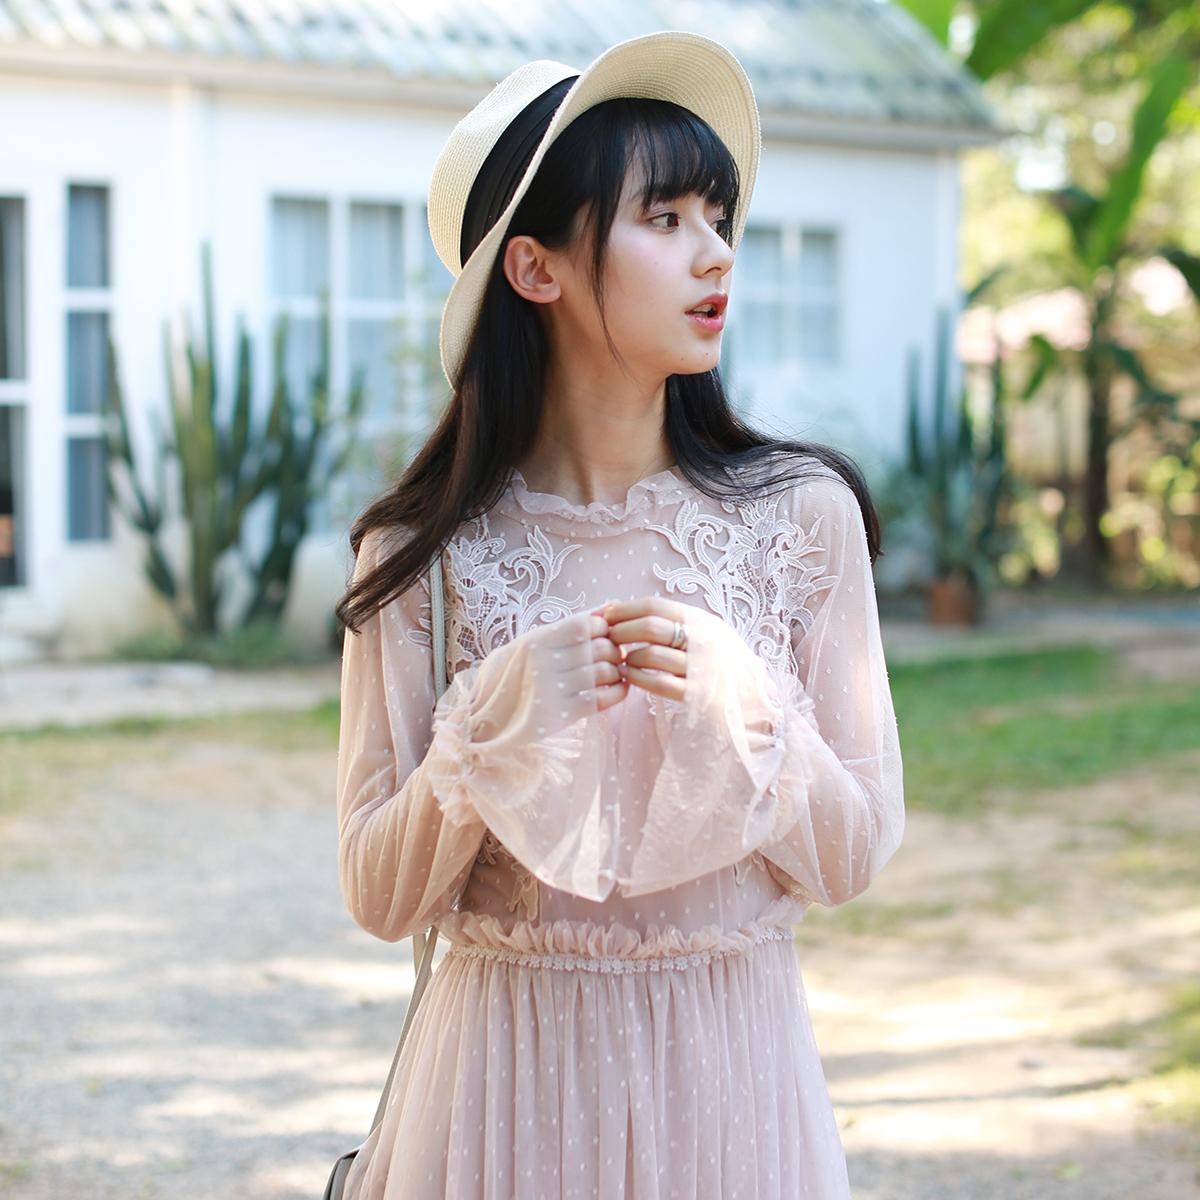 小镇姗姗 爱丽丝旋律 女神的新衣重工镂花蕾丝雪纺荷叶长袖连衣裙